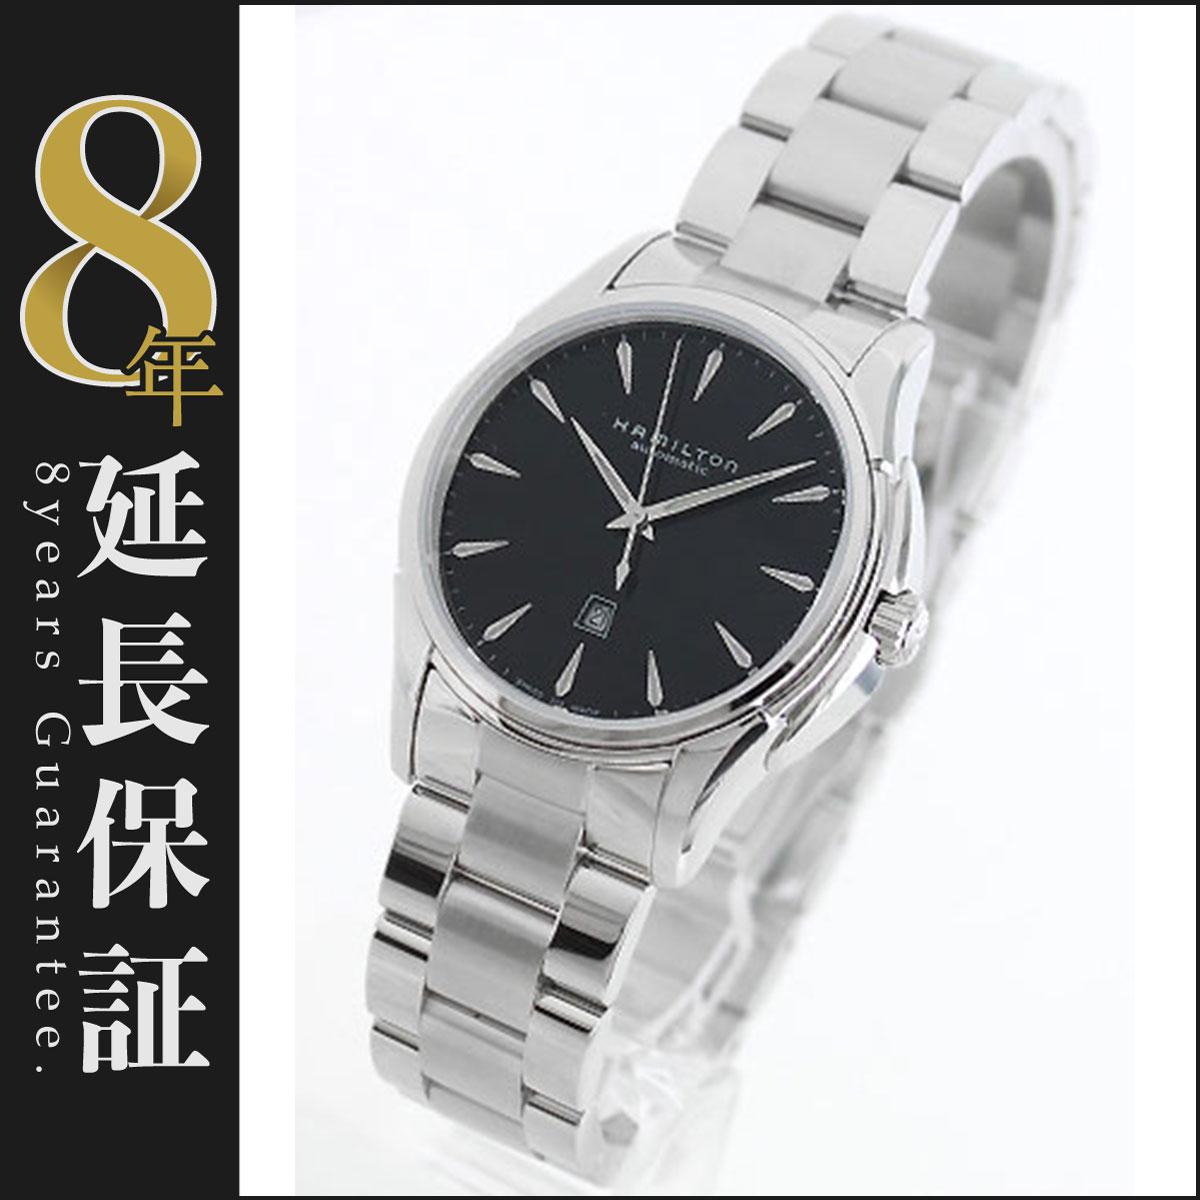 ハミルトン HAMILTON 腕時計 ジャズマスター ビューマチック ユニセックス H32315131_8